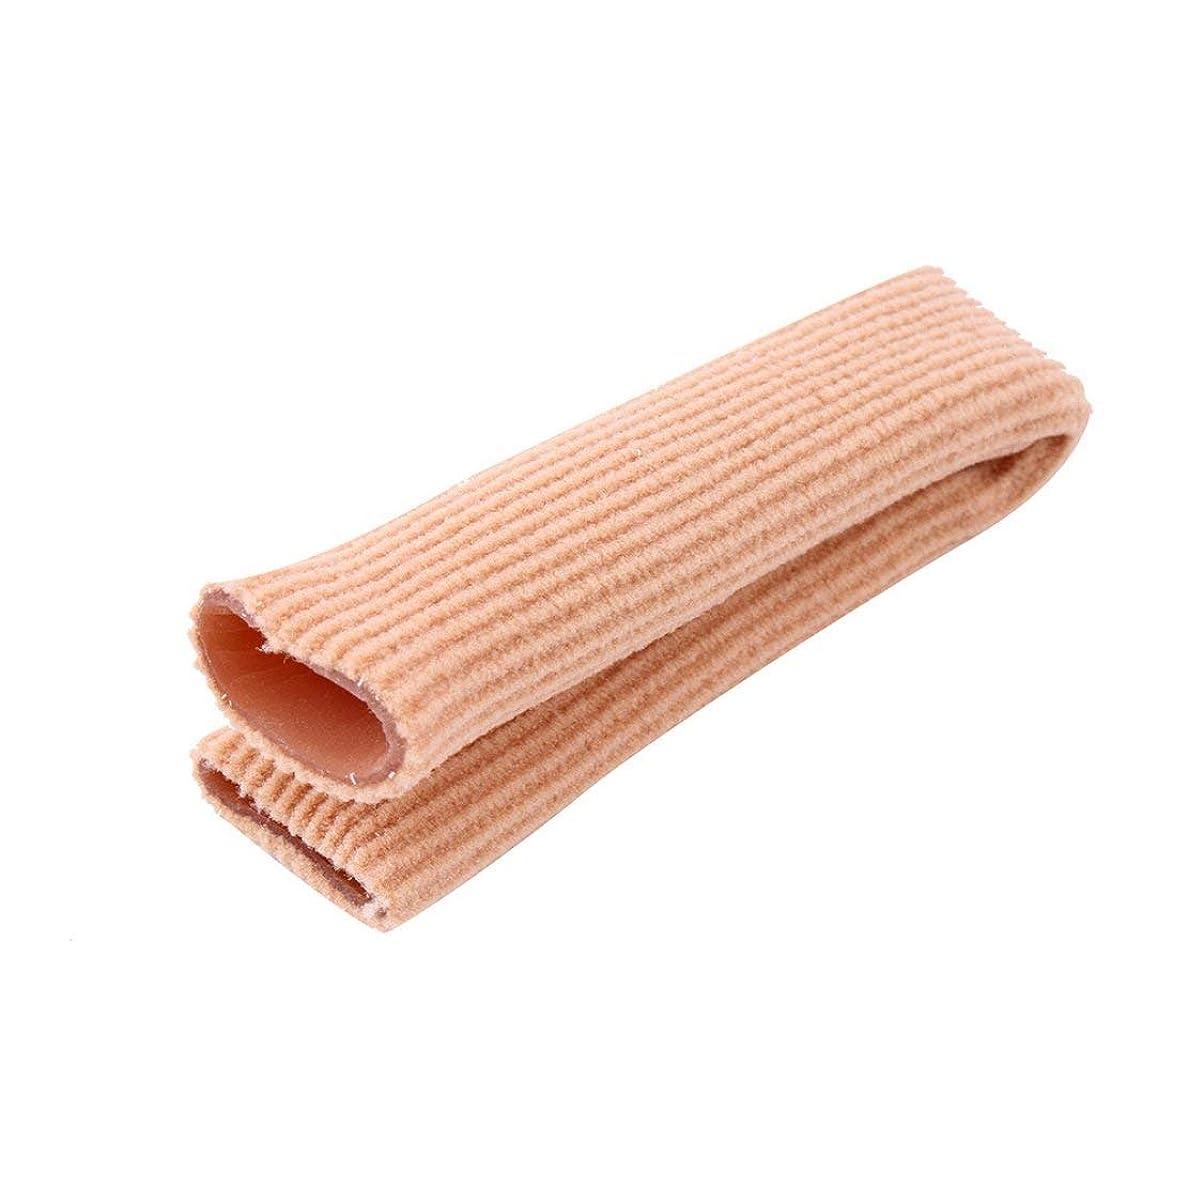 統治する実装する流暢ファブリックジェルチューブ包帯フィンガー&トゥ保護フットフィート痛み緩和フィートケア用インソール15CMフィートガード